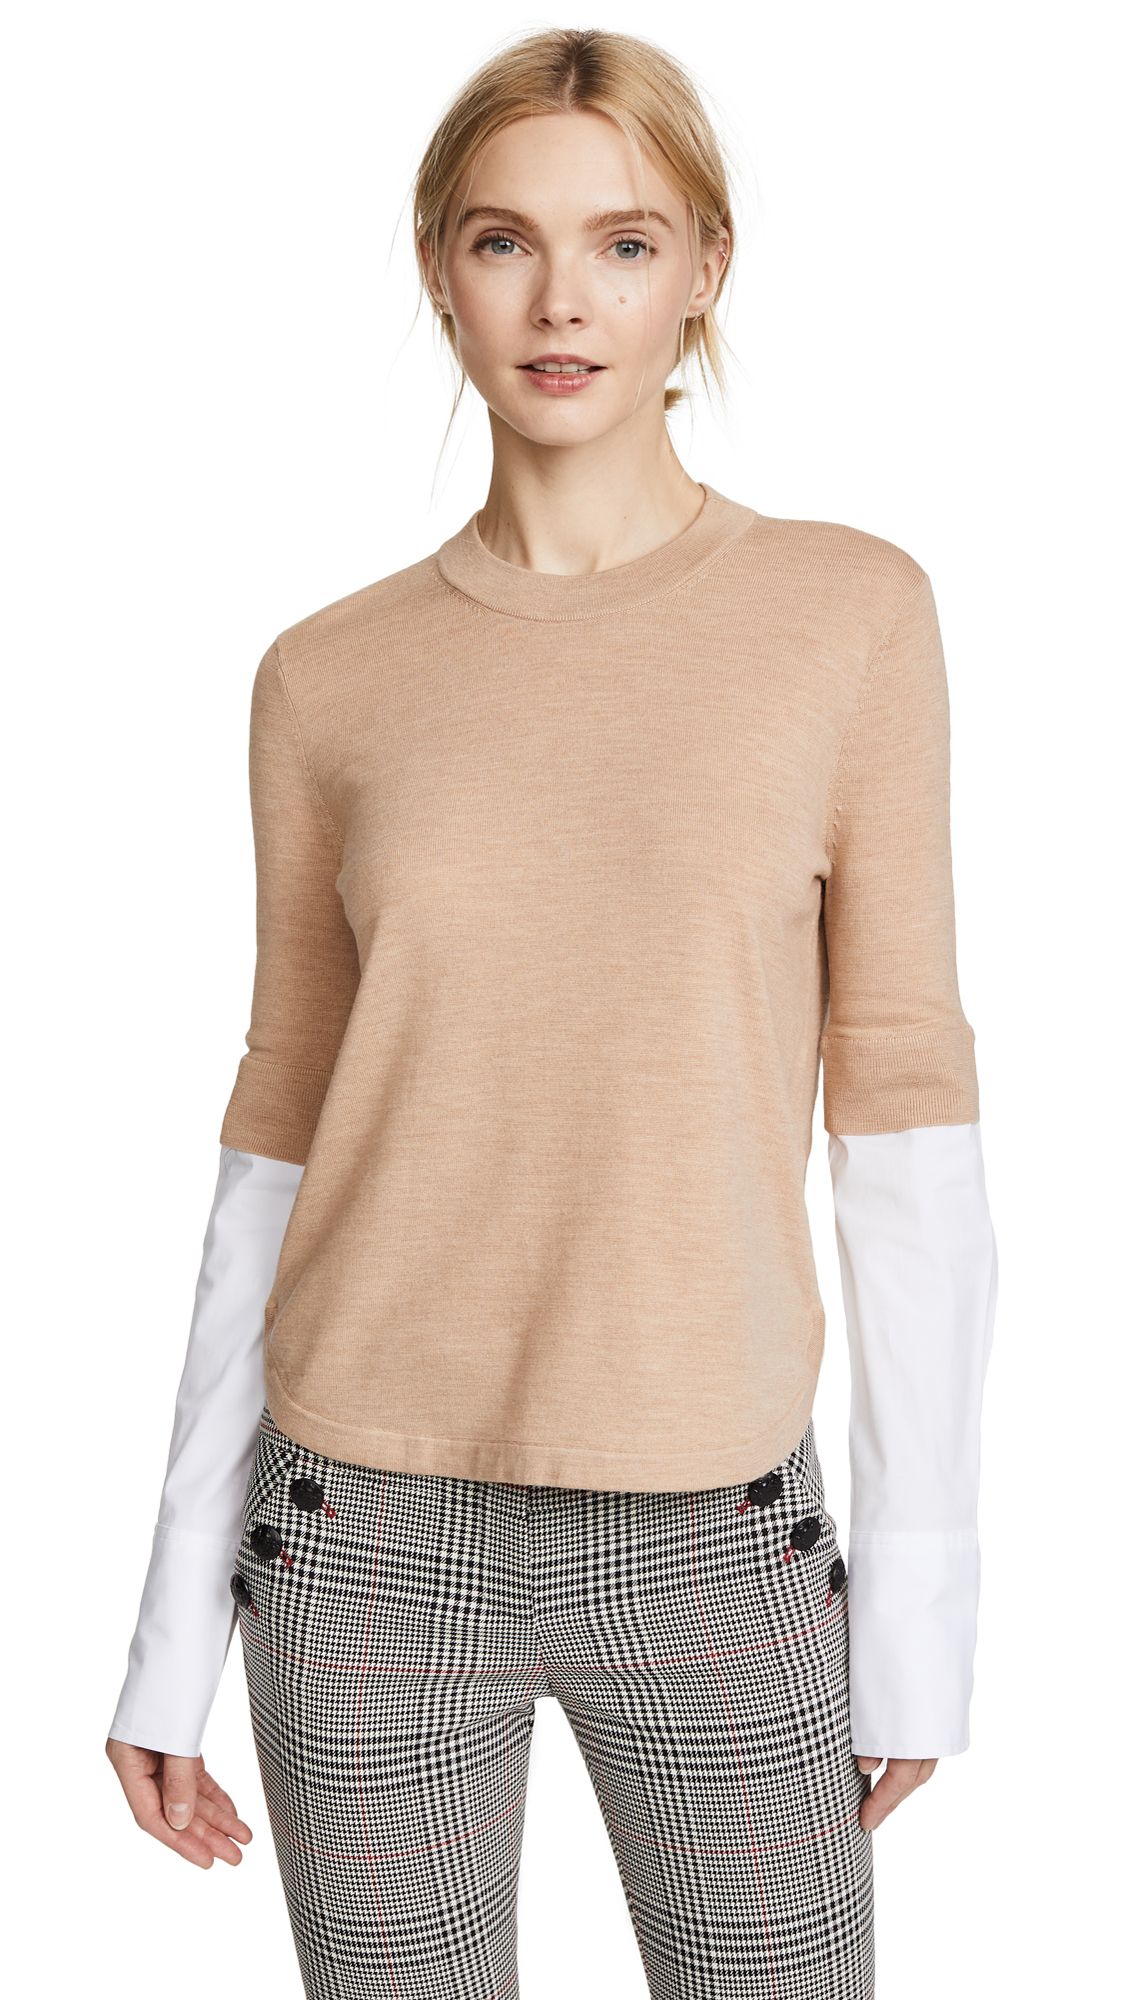 Veronica Beard Roscoe Mixed Media Sweater - Camel